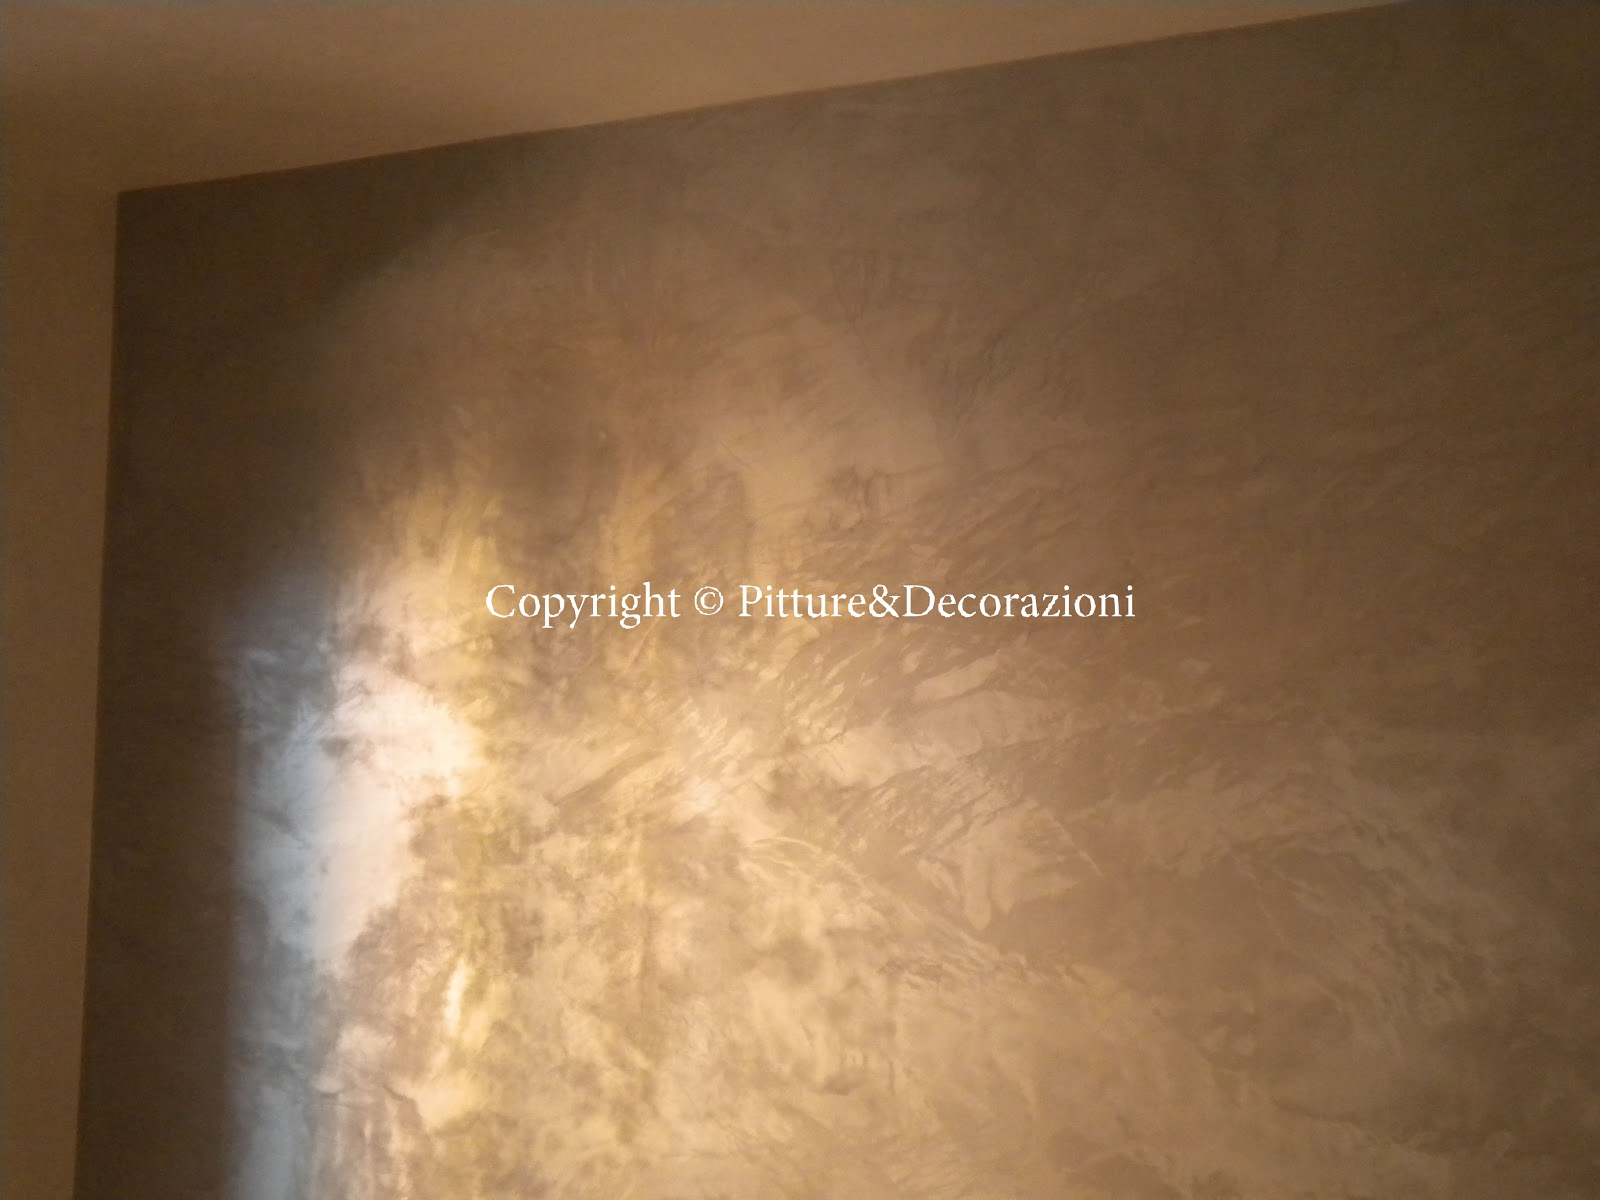 """Top Pitture&Decorazioni: """"Ottocento Antico Velluto"""" e """"Seta dell  DQ47"""